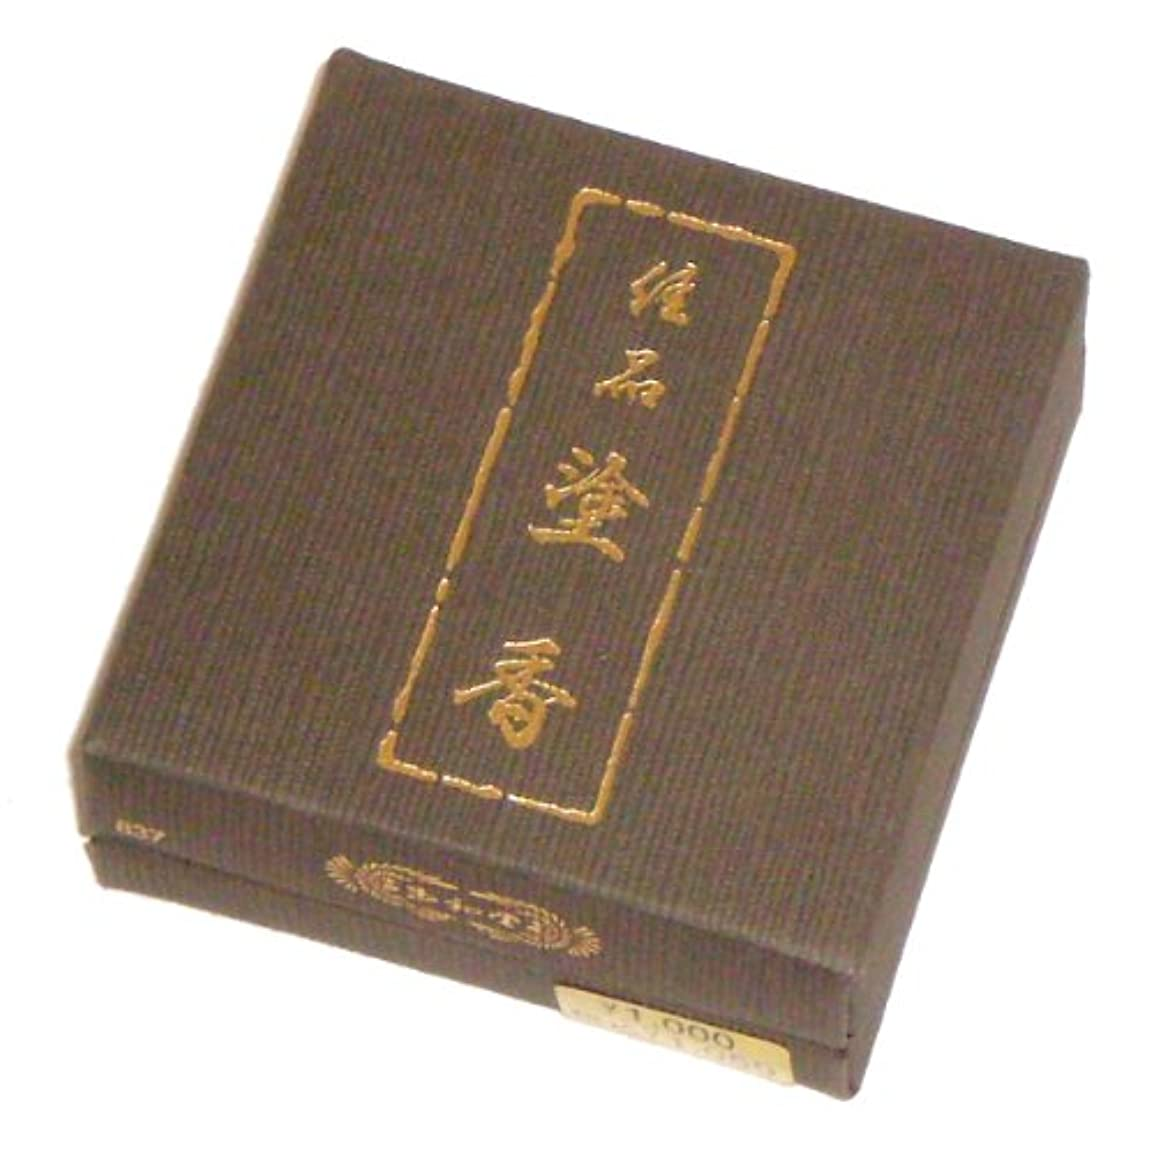 小石許す脱走玉初堂のお香 佳品塗香 15g 紙箱 #837